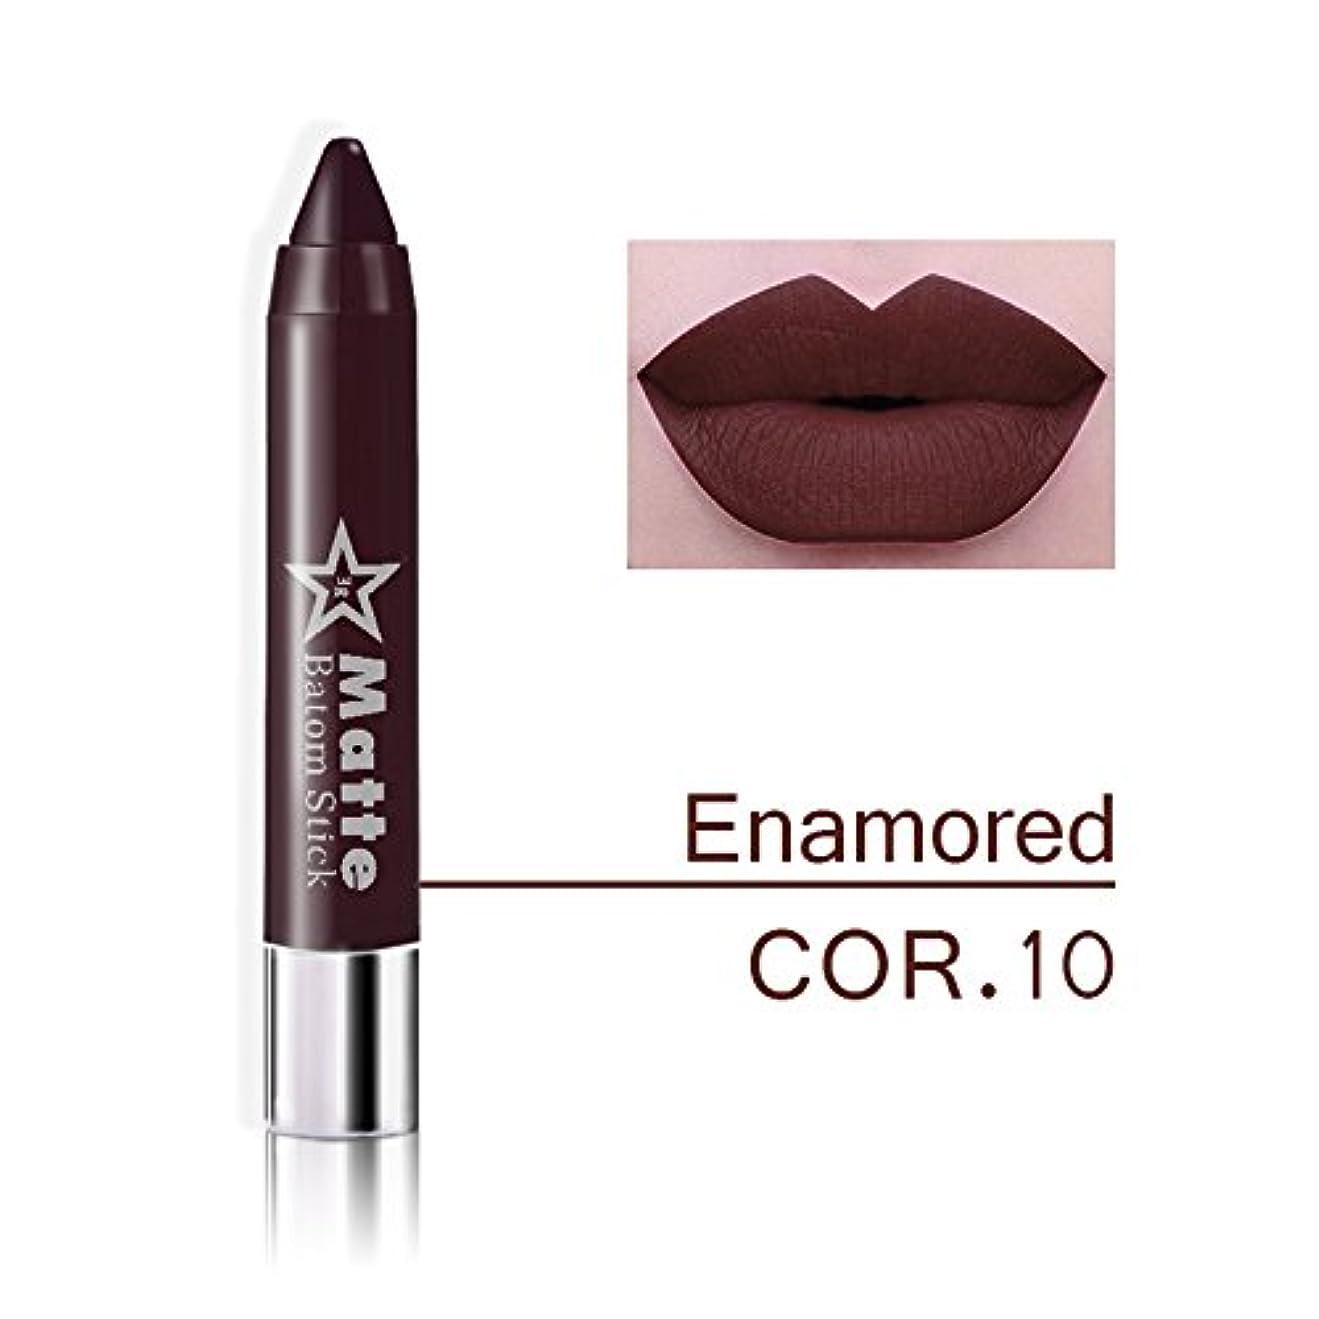 放送スリッパフリンジMiss Rose Brand lips Matte Moisturizing Lipstick Makeup Lipsticks Waterproof matte Lip gloss Mate Lipsticks Make up